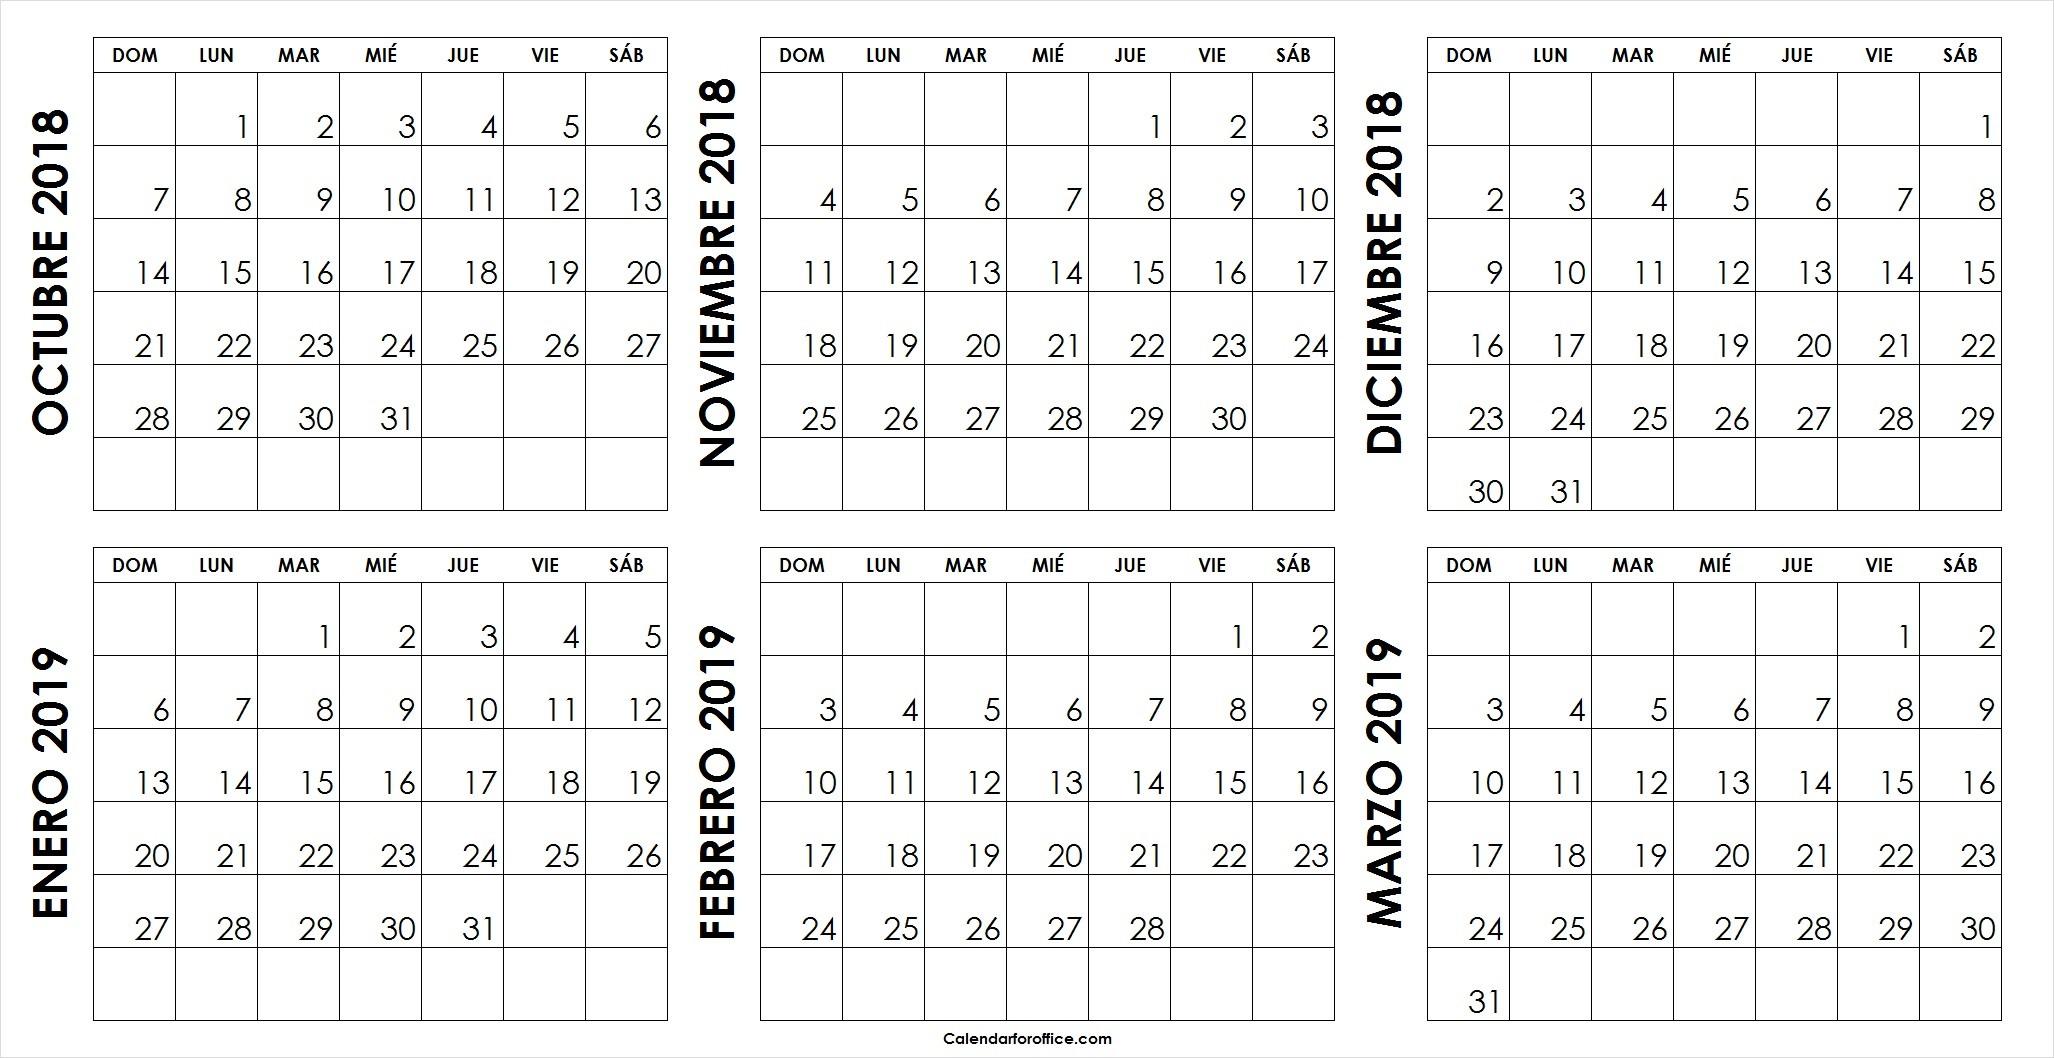 Imprimir Calendario De Marzo 2019 Más Recientes Calendario De Octubre 2019 Of Imprimir Calendario De Marzo 2019 Más Recientes January Calendar 2019 with Holidays January2019 January